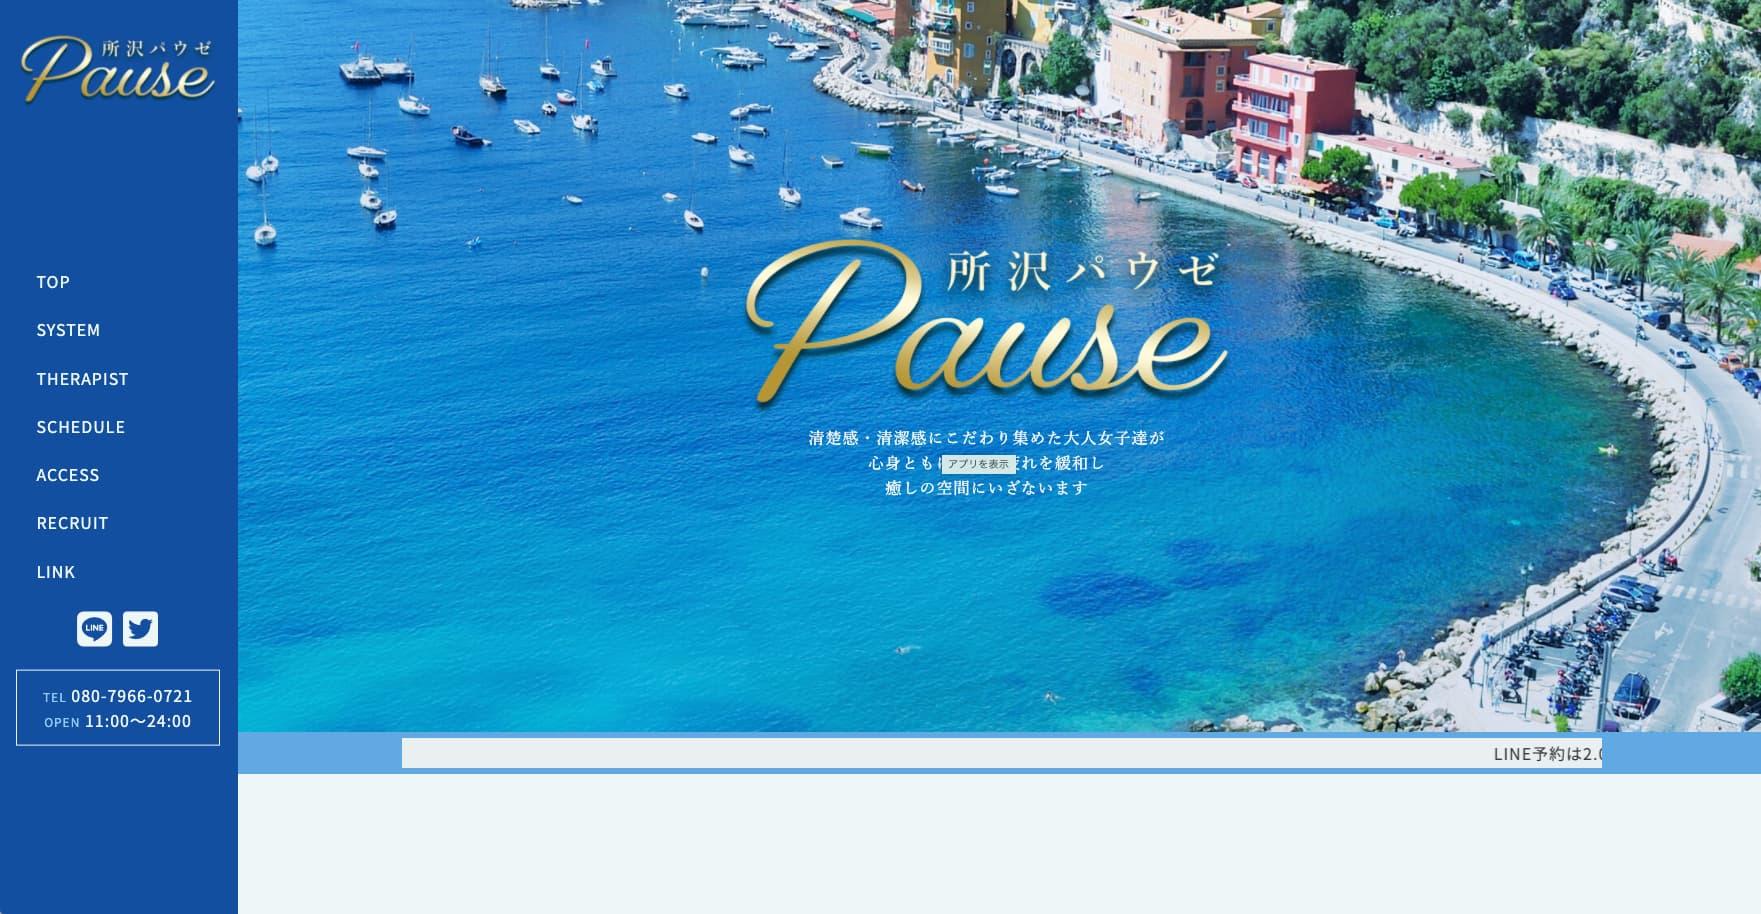 Pause(パウゼ)